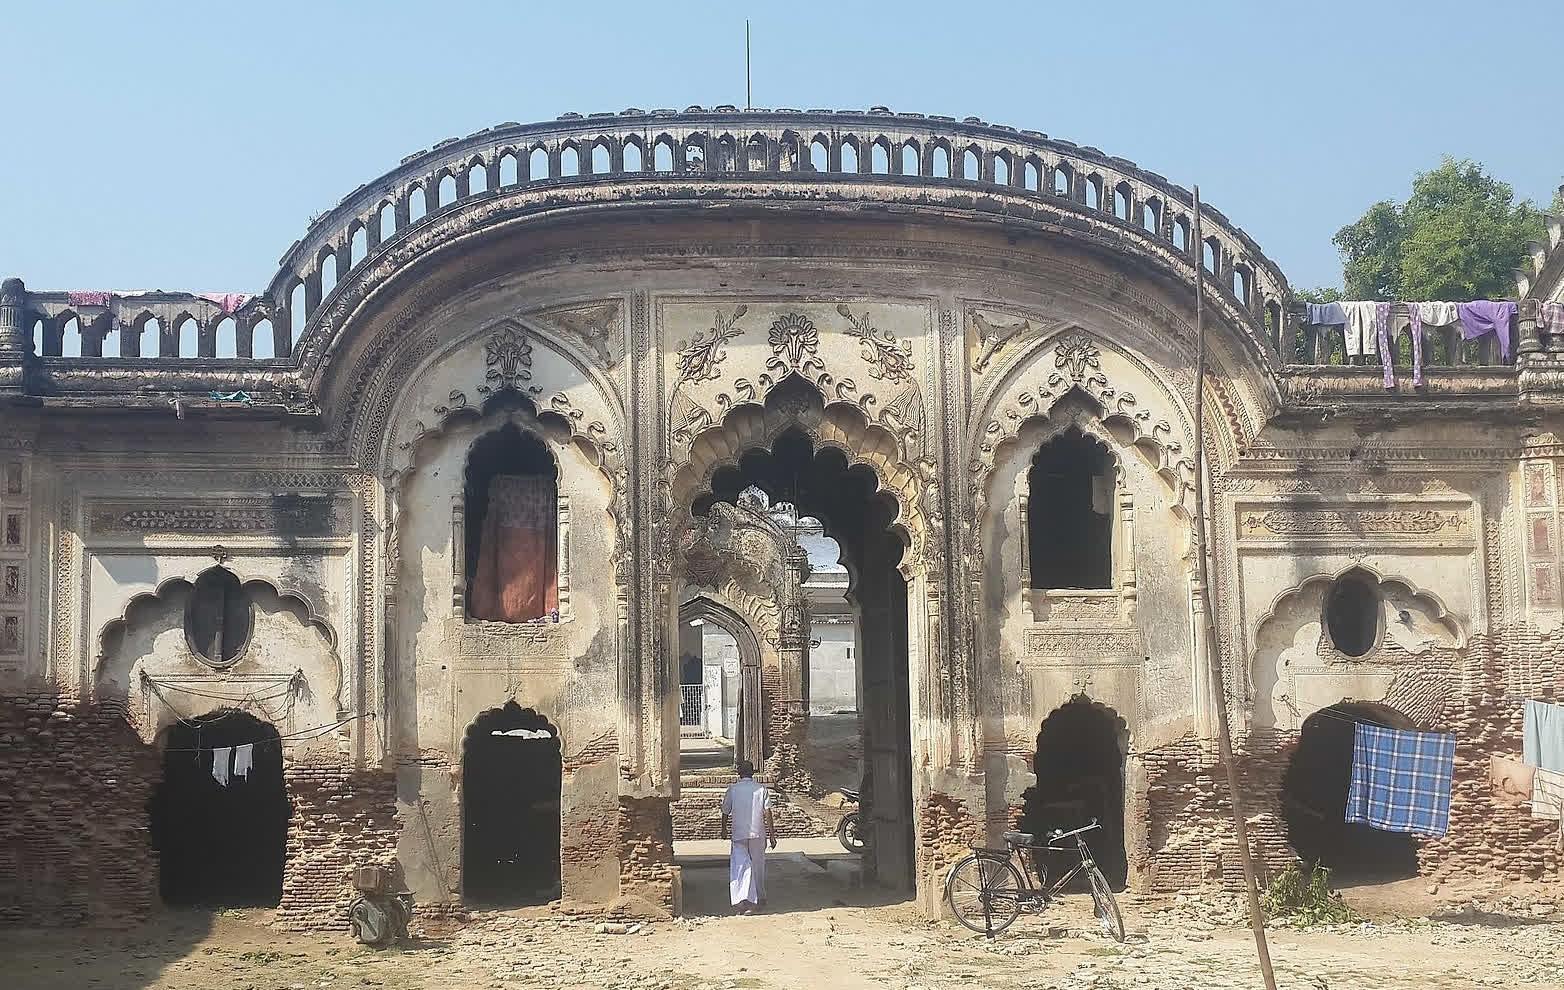 Khairabad Imambara